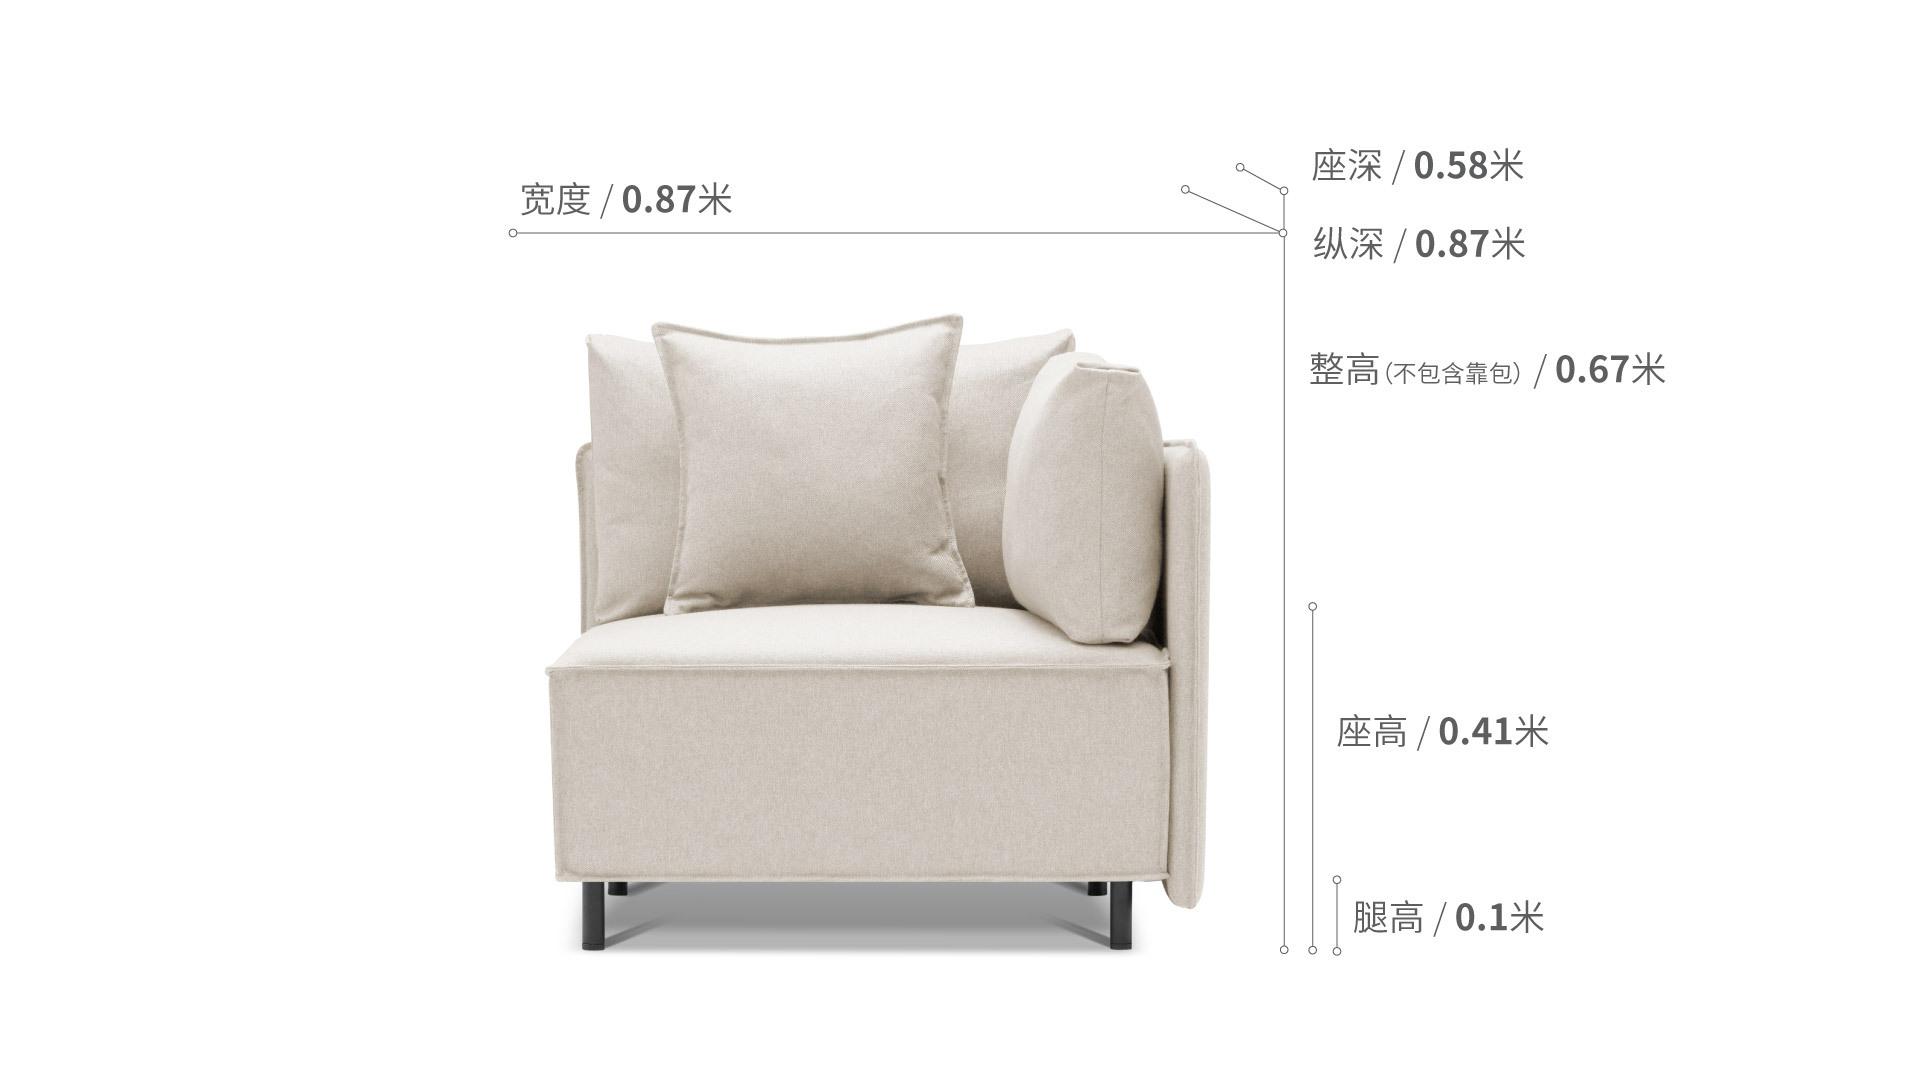 造作大先生沙發?扶手單人座沙發效果圖